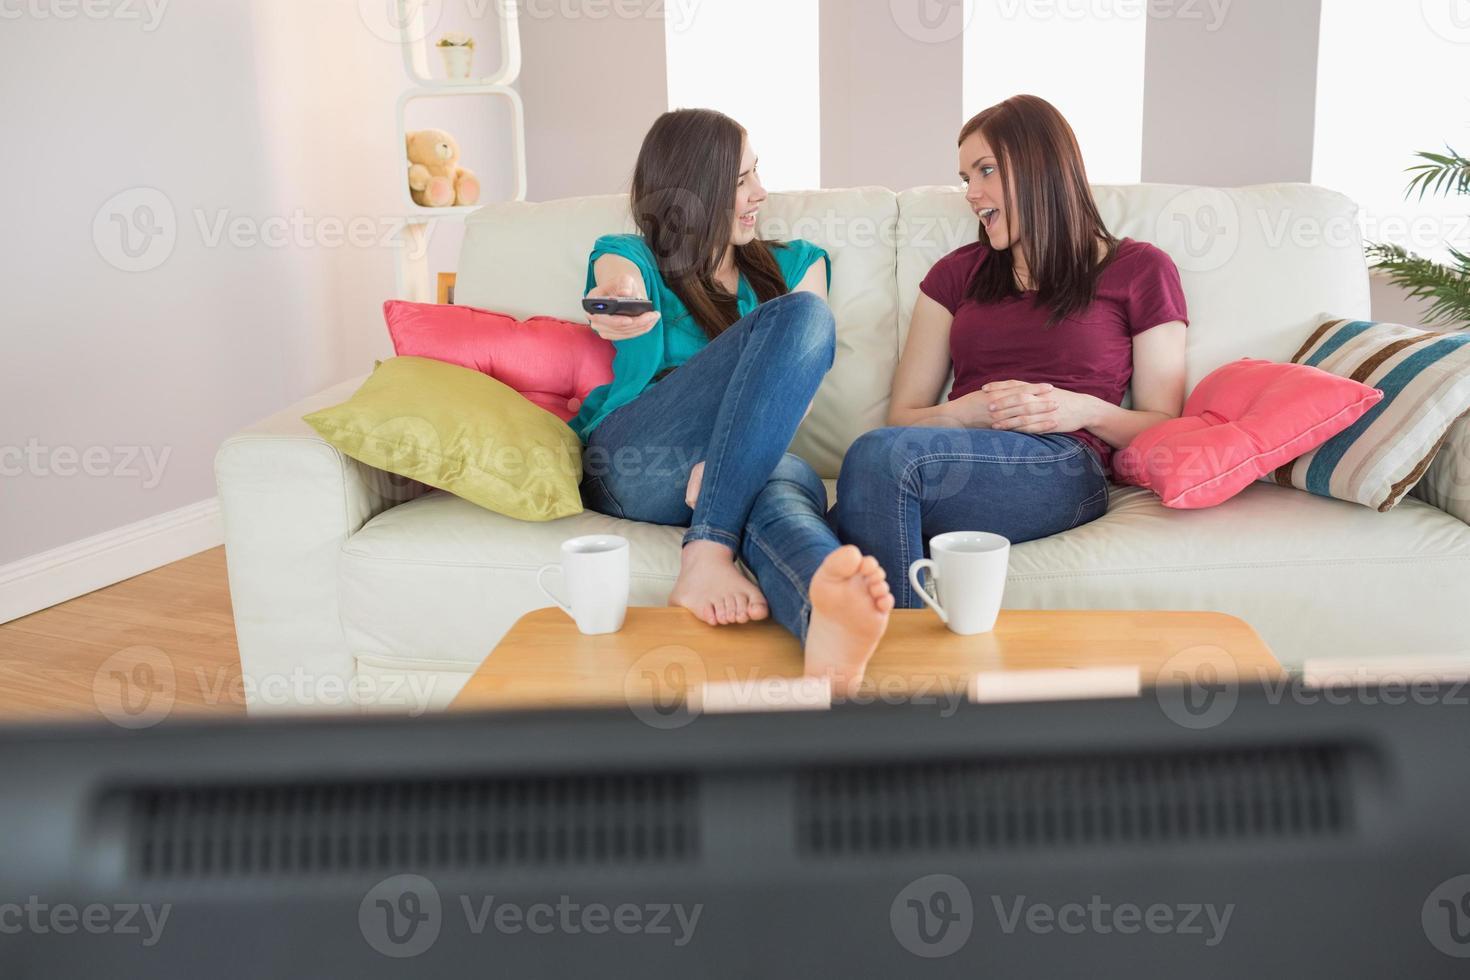 due amici felici sul divano a guardare la tv insieme foto